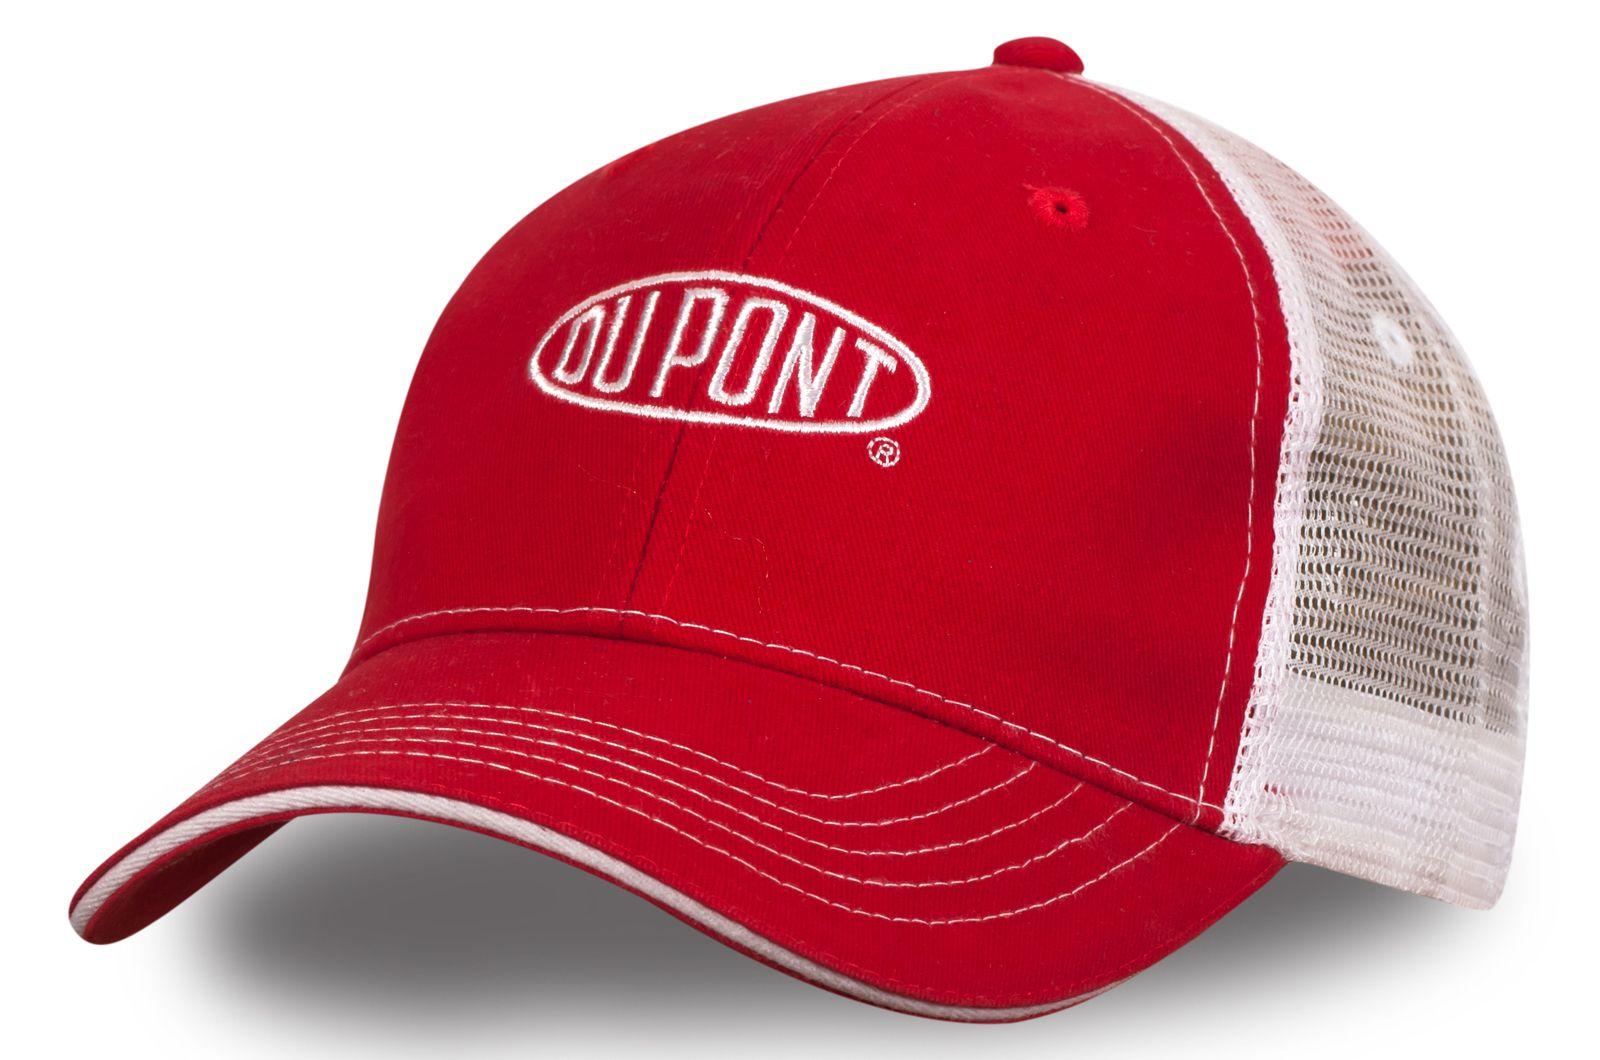 Бейсболка с сеткой красно-белая - купить в интернет-магазине с доставкой